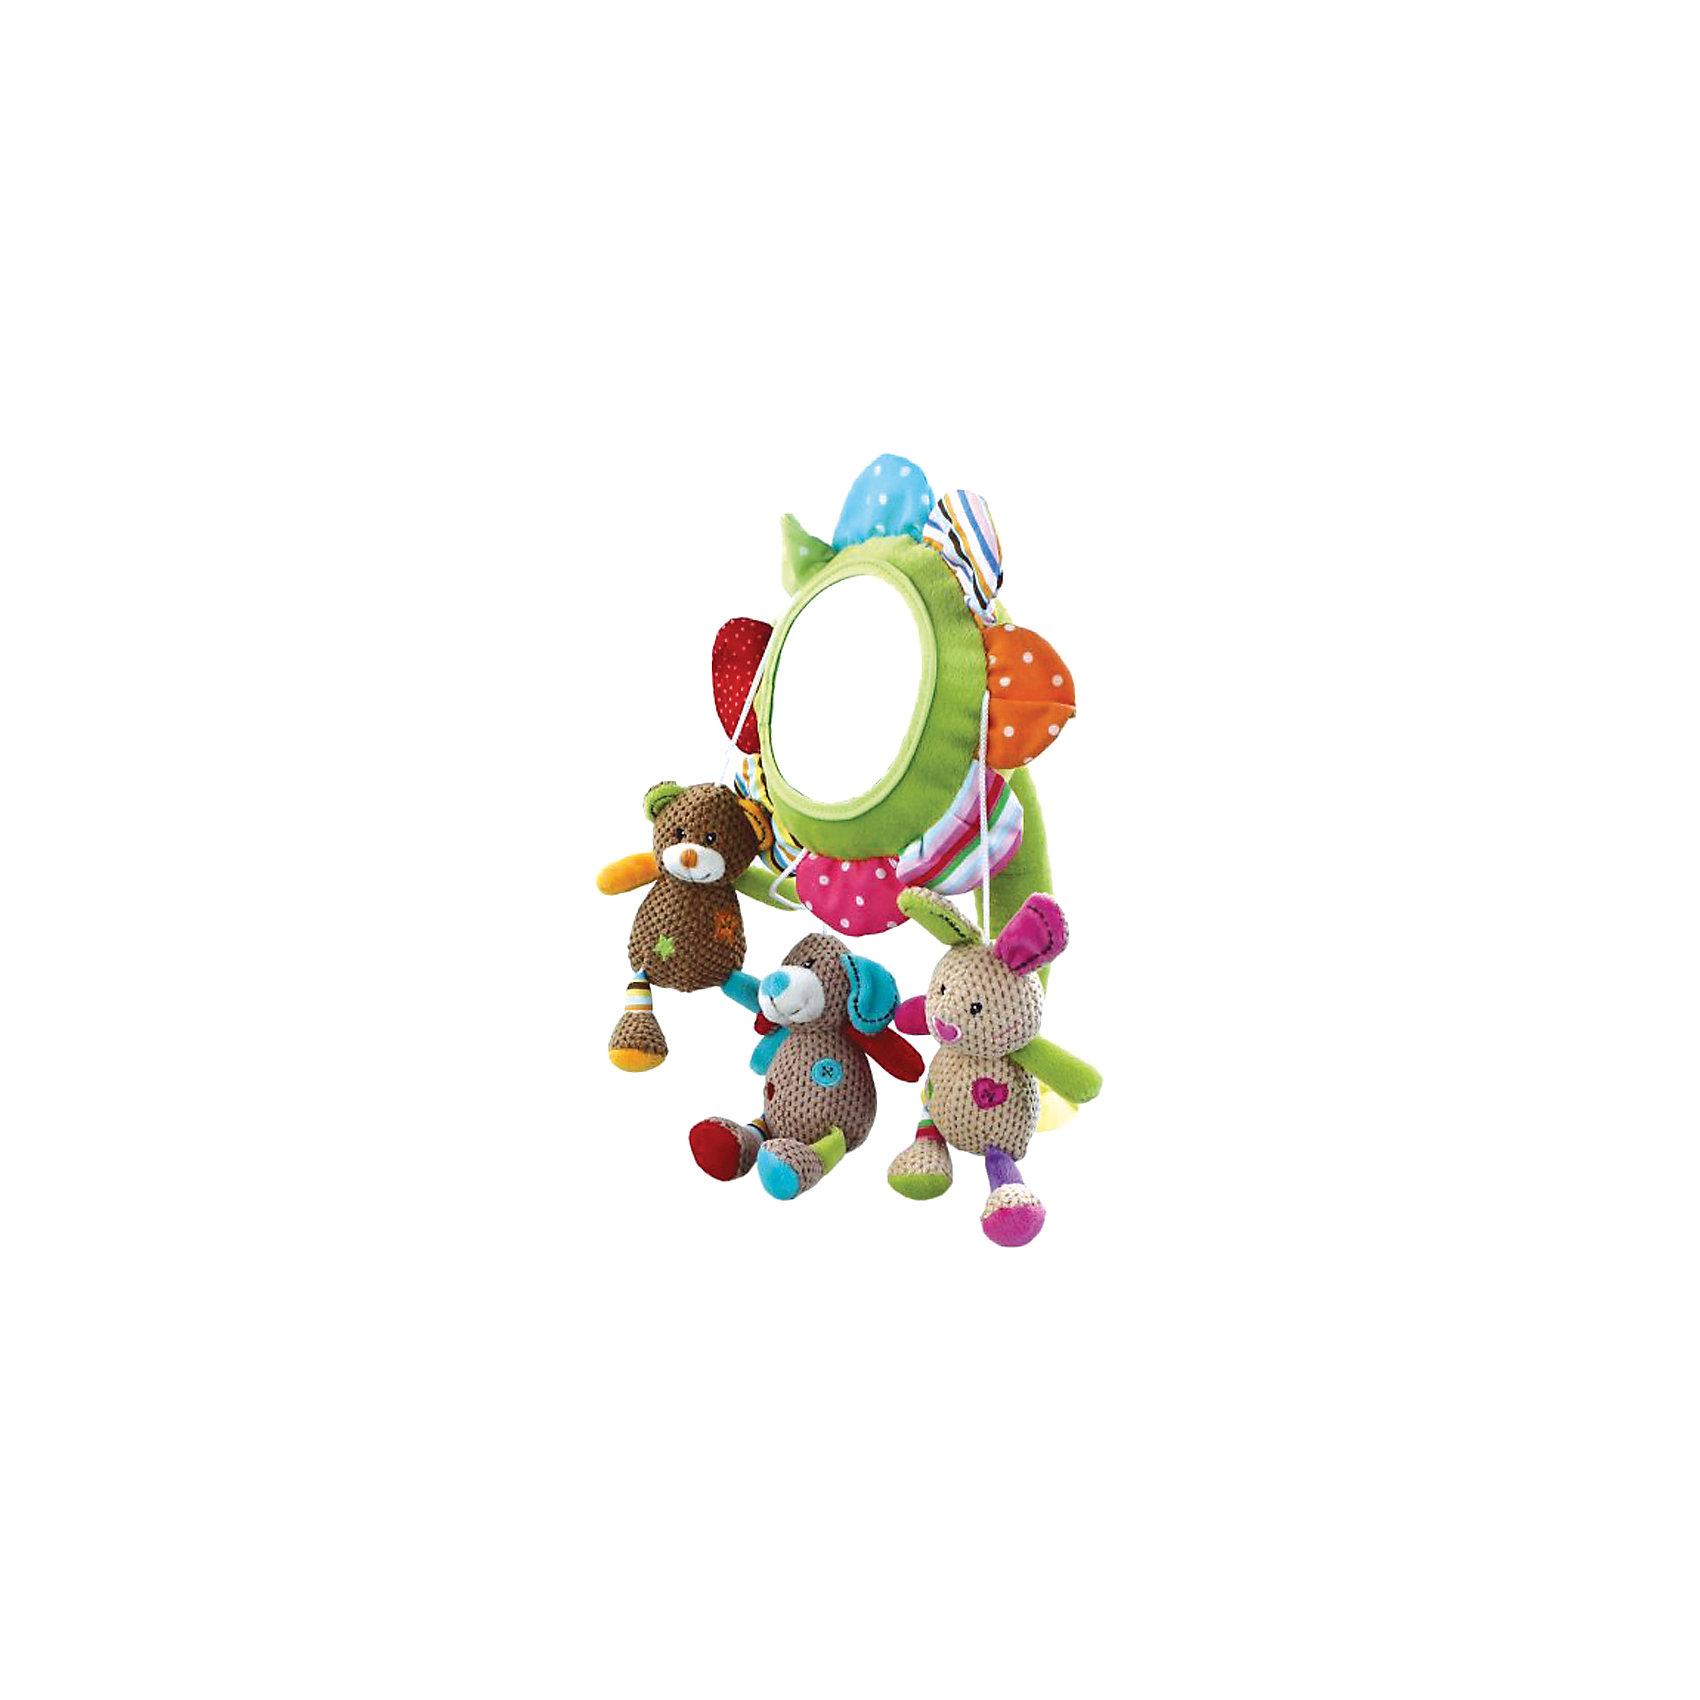 Подвеска Веселые малыши, ЖирафикиПодвеска в форме цветка – прекрасное решение украсить спальню малыша. Цветок – развивающая игрушка, которая понравится всем малышам, так как она невероятно функциональна. Всевозможные ткани и фактуры, зеркальце и разные цвета привлекут внимание даже самых непоседливых малышей. Игрушка развивает мелкую моторику и тактильные ощущения. Игрушка крепится с помощью присоски. Материалы, использованные при изготовлении товара, абсолютно безопасны и отвечают всем международным требованиям по качеству.<br><br>Дополнительные характеристики:<br><br>материал: текстиль, пластик;<br>цвет: разноцветный;<br>габариты: 16 X 16 X 35 см.<br><br>Подвеску Веселые малыши от компании Жирафики можно приобрести в нашем магазине.<br><br>Ширина мм: 540<br>Глубина мм: 330<br>Высота мм: 410<br>Вес г: 344<br>Возраст от месяцев: 3<br>Возраст до месяцев: 36<br>Пол: Унисекс<br>Возраст: Детский<br>SKU: 5032568